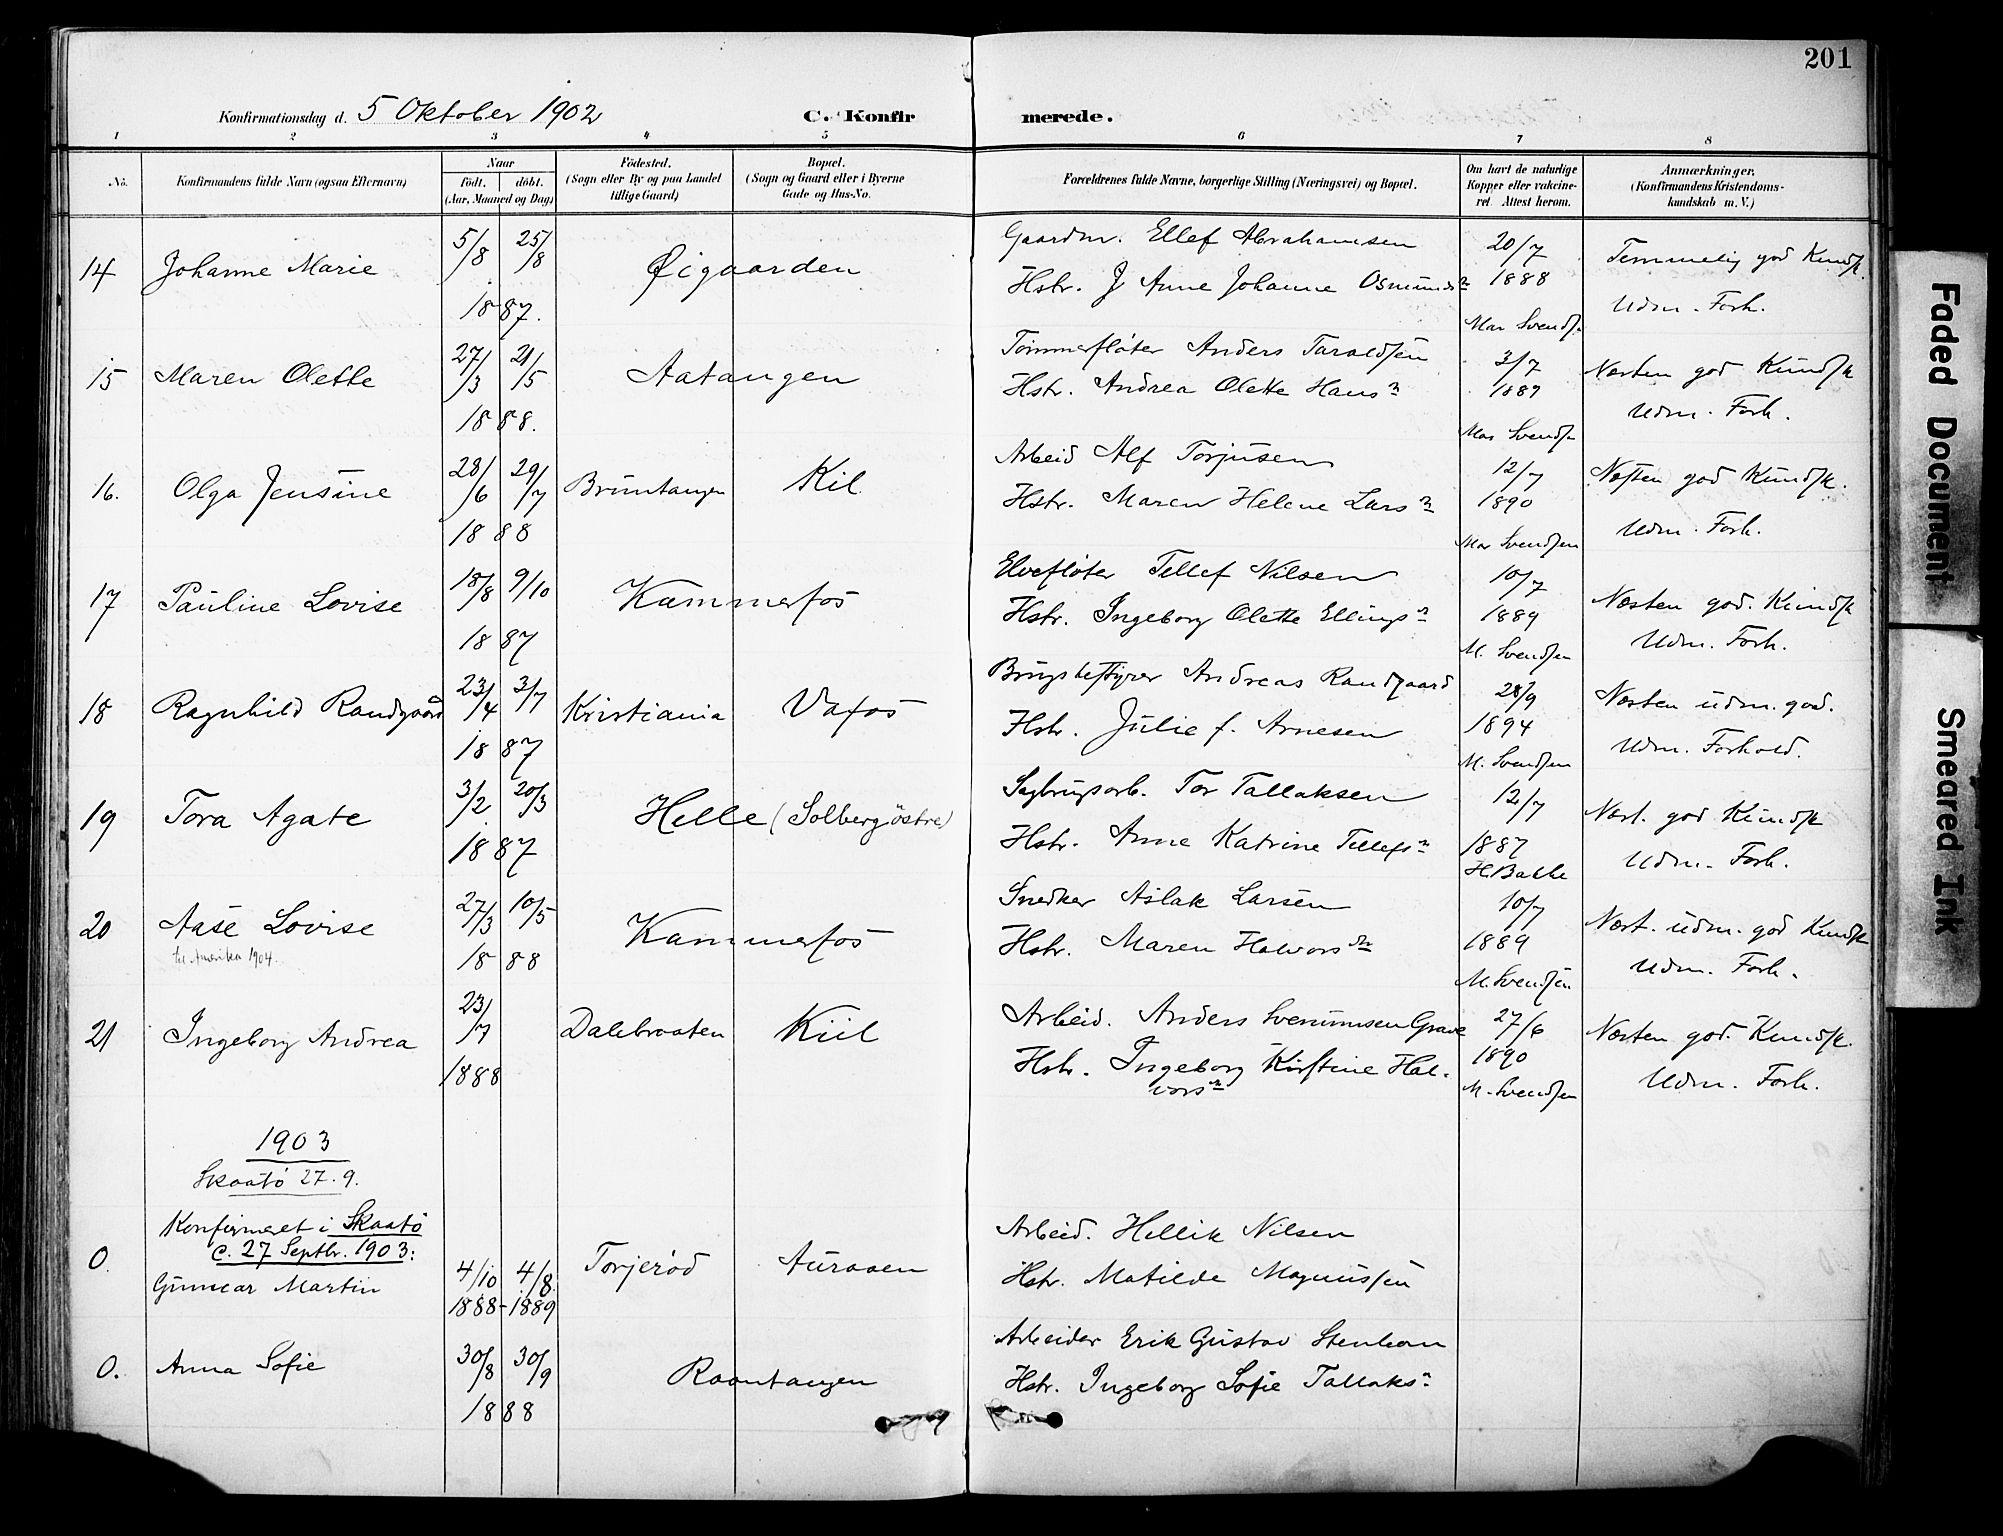 SAKO, Sannidal kirkebøker, F/Fa/L0016: Ministerialbok nr. 16, 1895-1911, s. 201